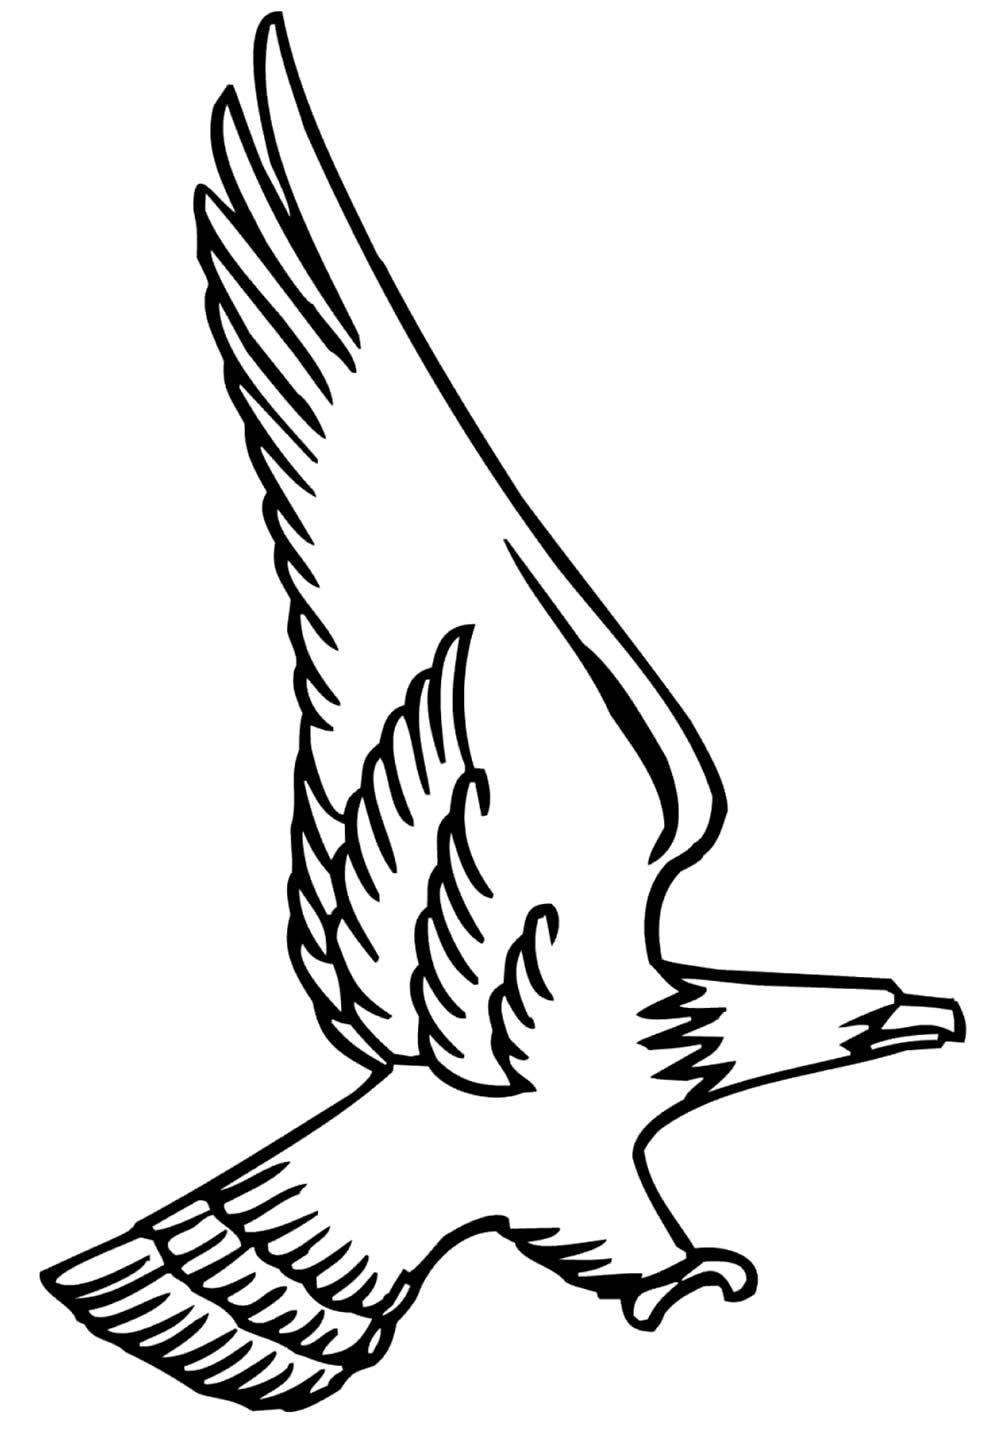 Moldes de Águia para imprimir